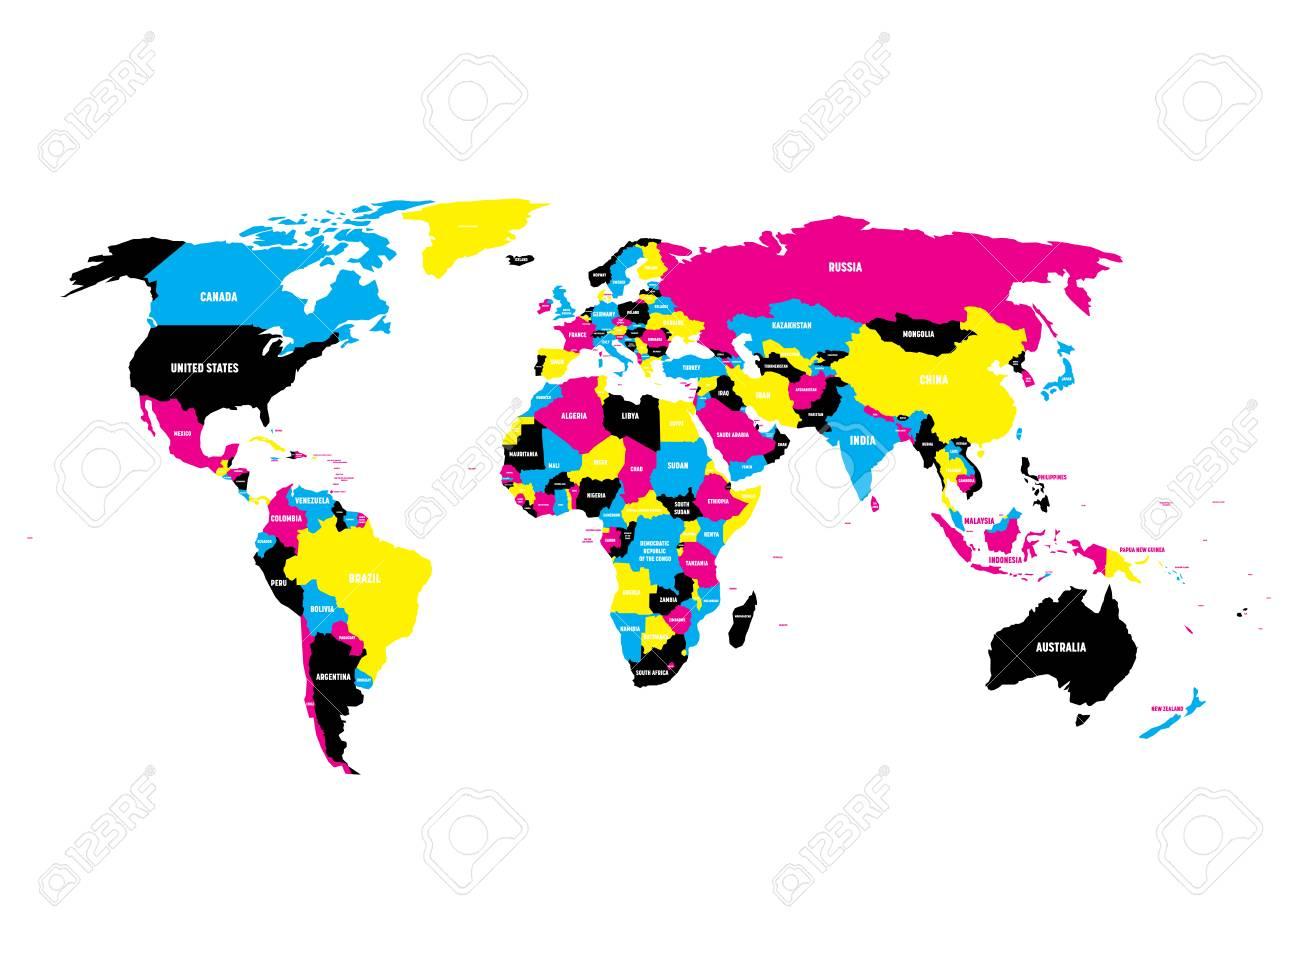 Mapa Politico Del Mundo Con Nombres.Mapa Politico Del Mundo En Colores Cmyk Con Etiquetas De Nombres De Paises Aislado En El Fondo Blanco Ilustracion Vectorial